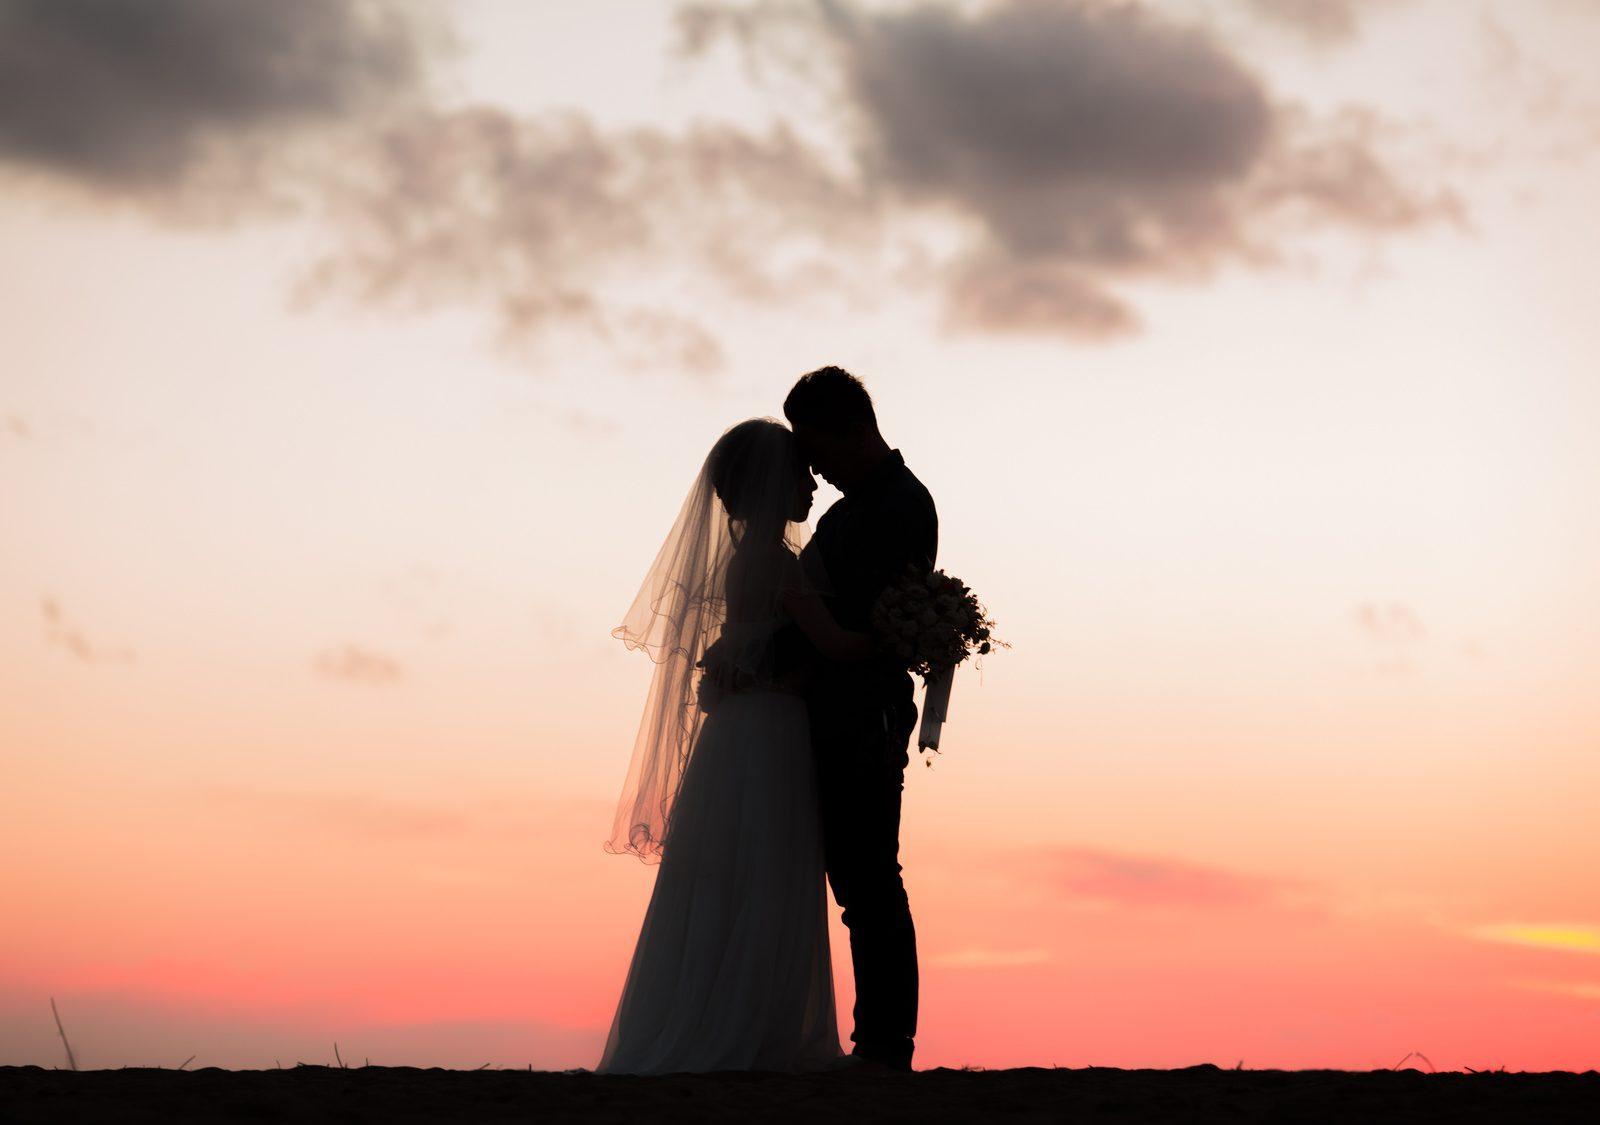 【今年こそ婚活】アラフォー独女と結婚した男性の本音とリアル